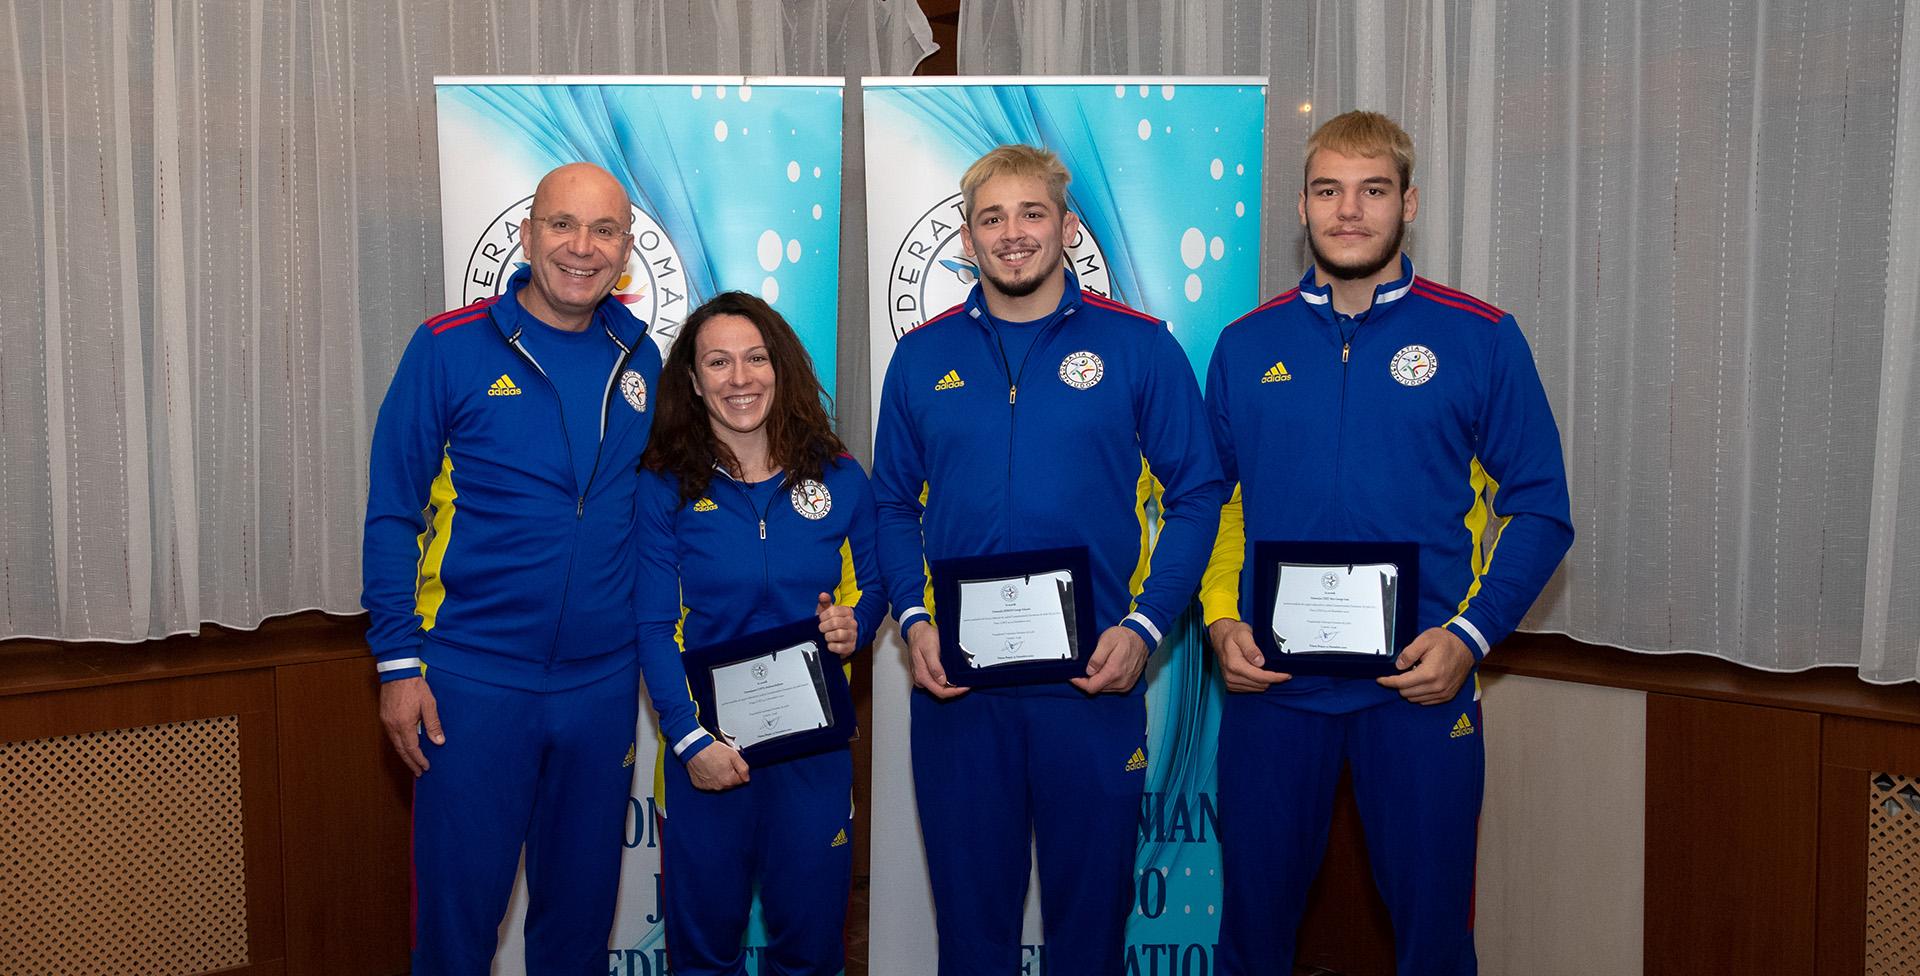 """Cozmin Gușă aduce laude medaliaților europeni la Judo: """"Au meritat din plin!"""""""